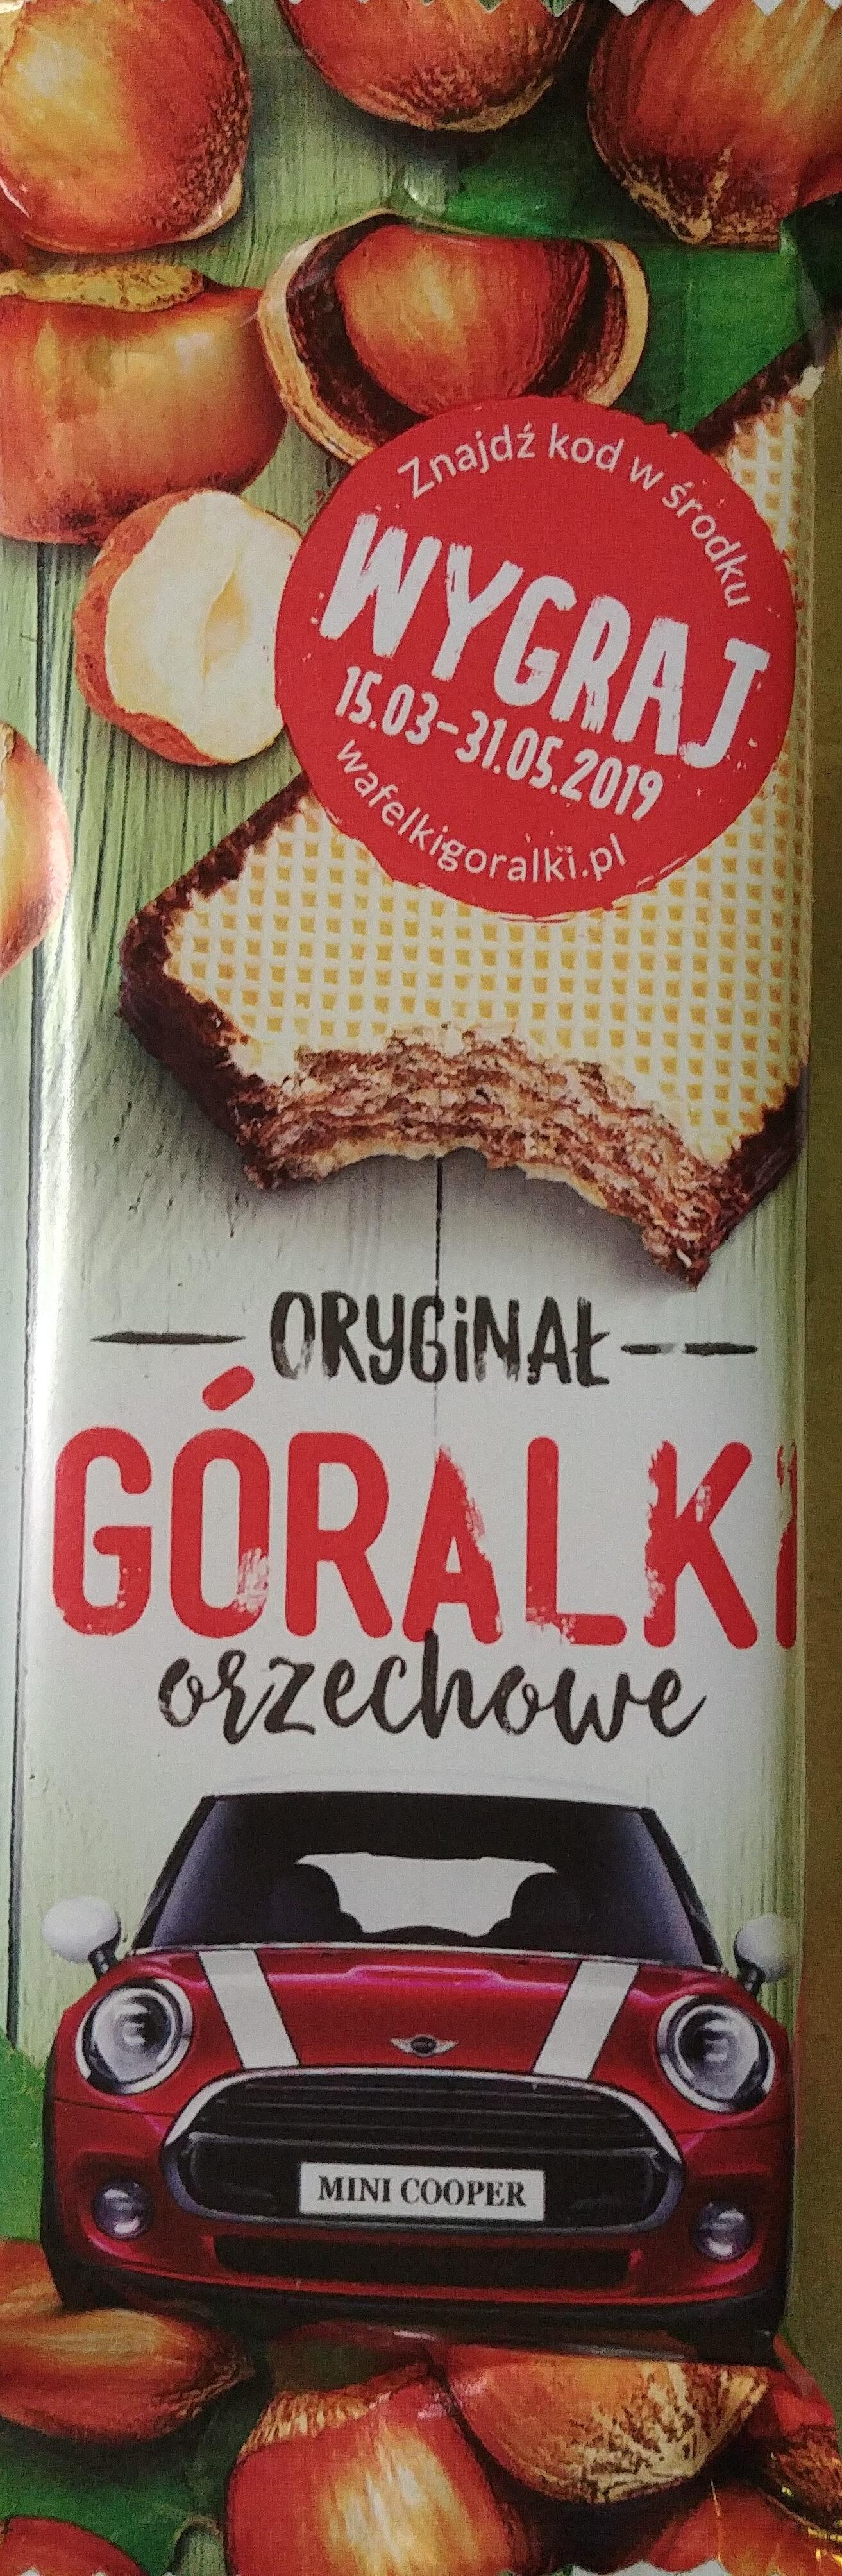 Oryginał Góralki orzechowe - Wafelki z kremowym nadzieniem (72%) z orzechami laskowymi w obwodowej polewie kakaowej. - Produkt - pl